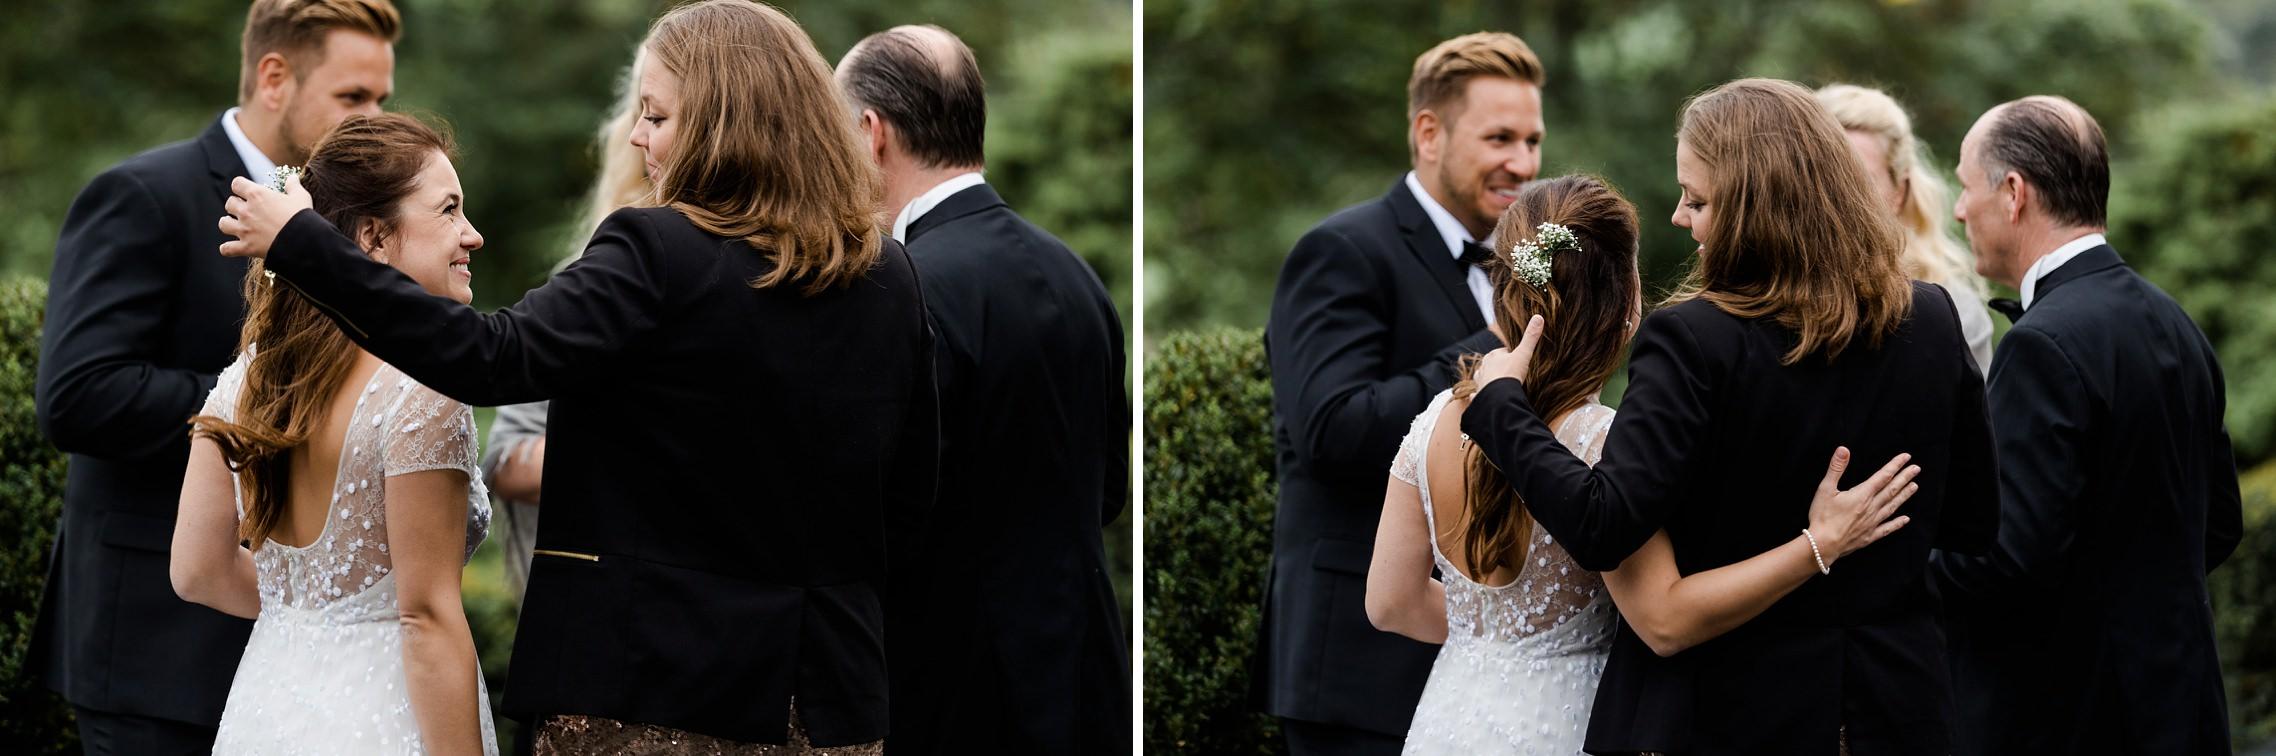 Die Braut wird herzlich von einer Freundin umarmt.